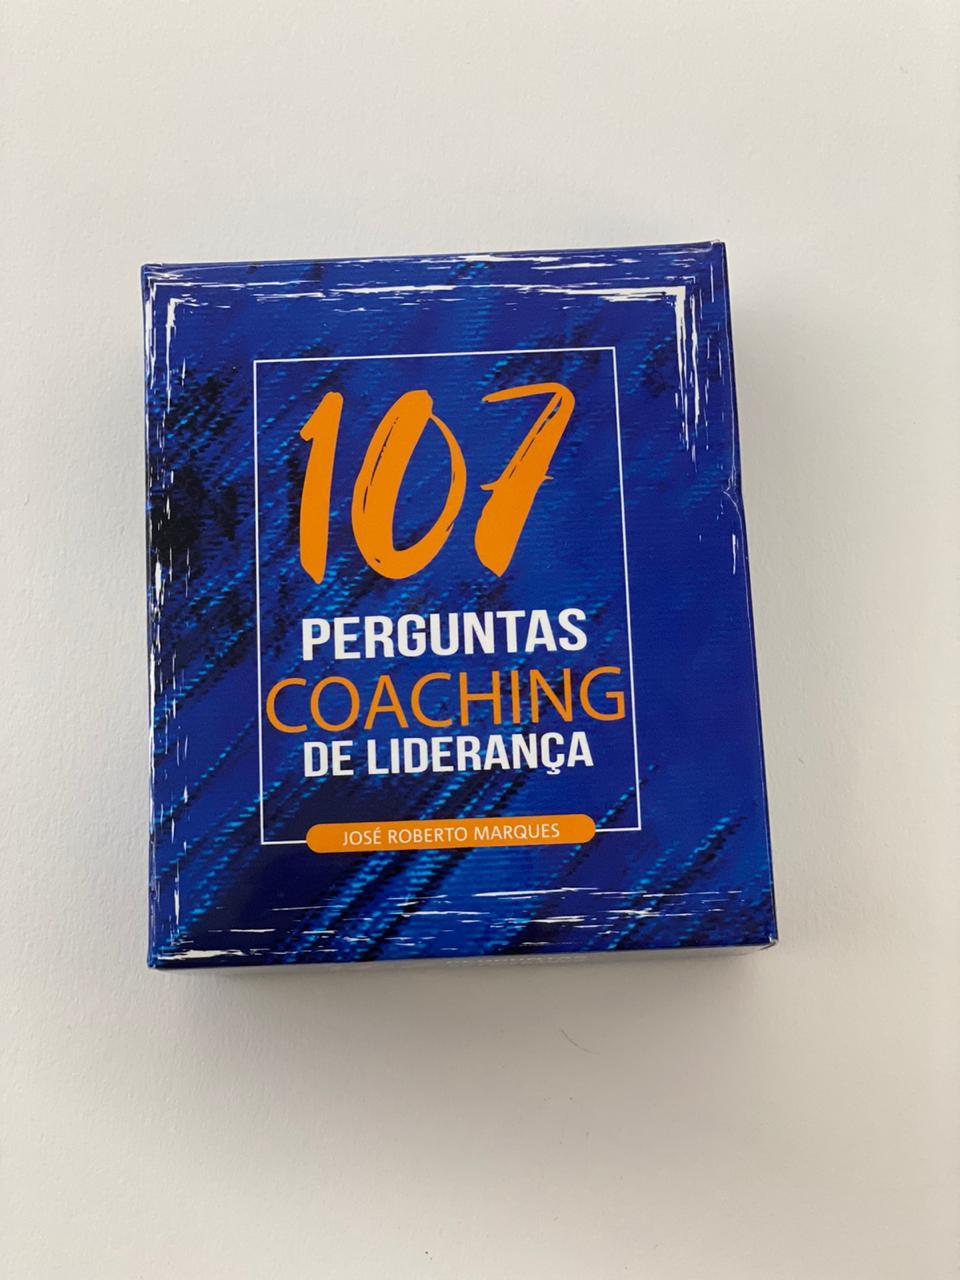 100 Perguntas Poderosas -  Coaching de Liderança